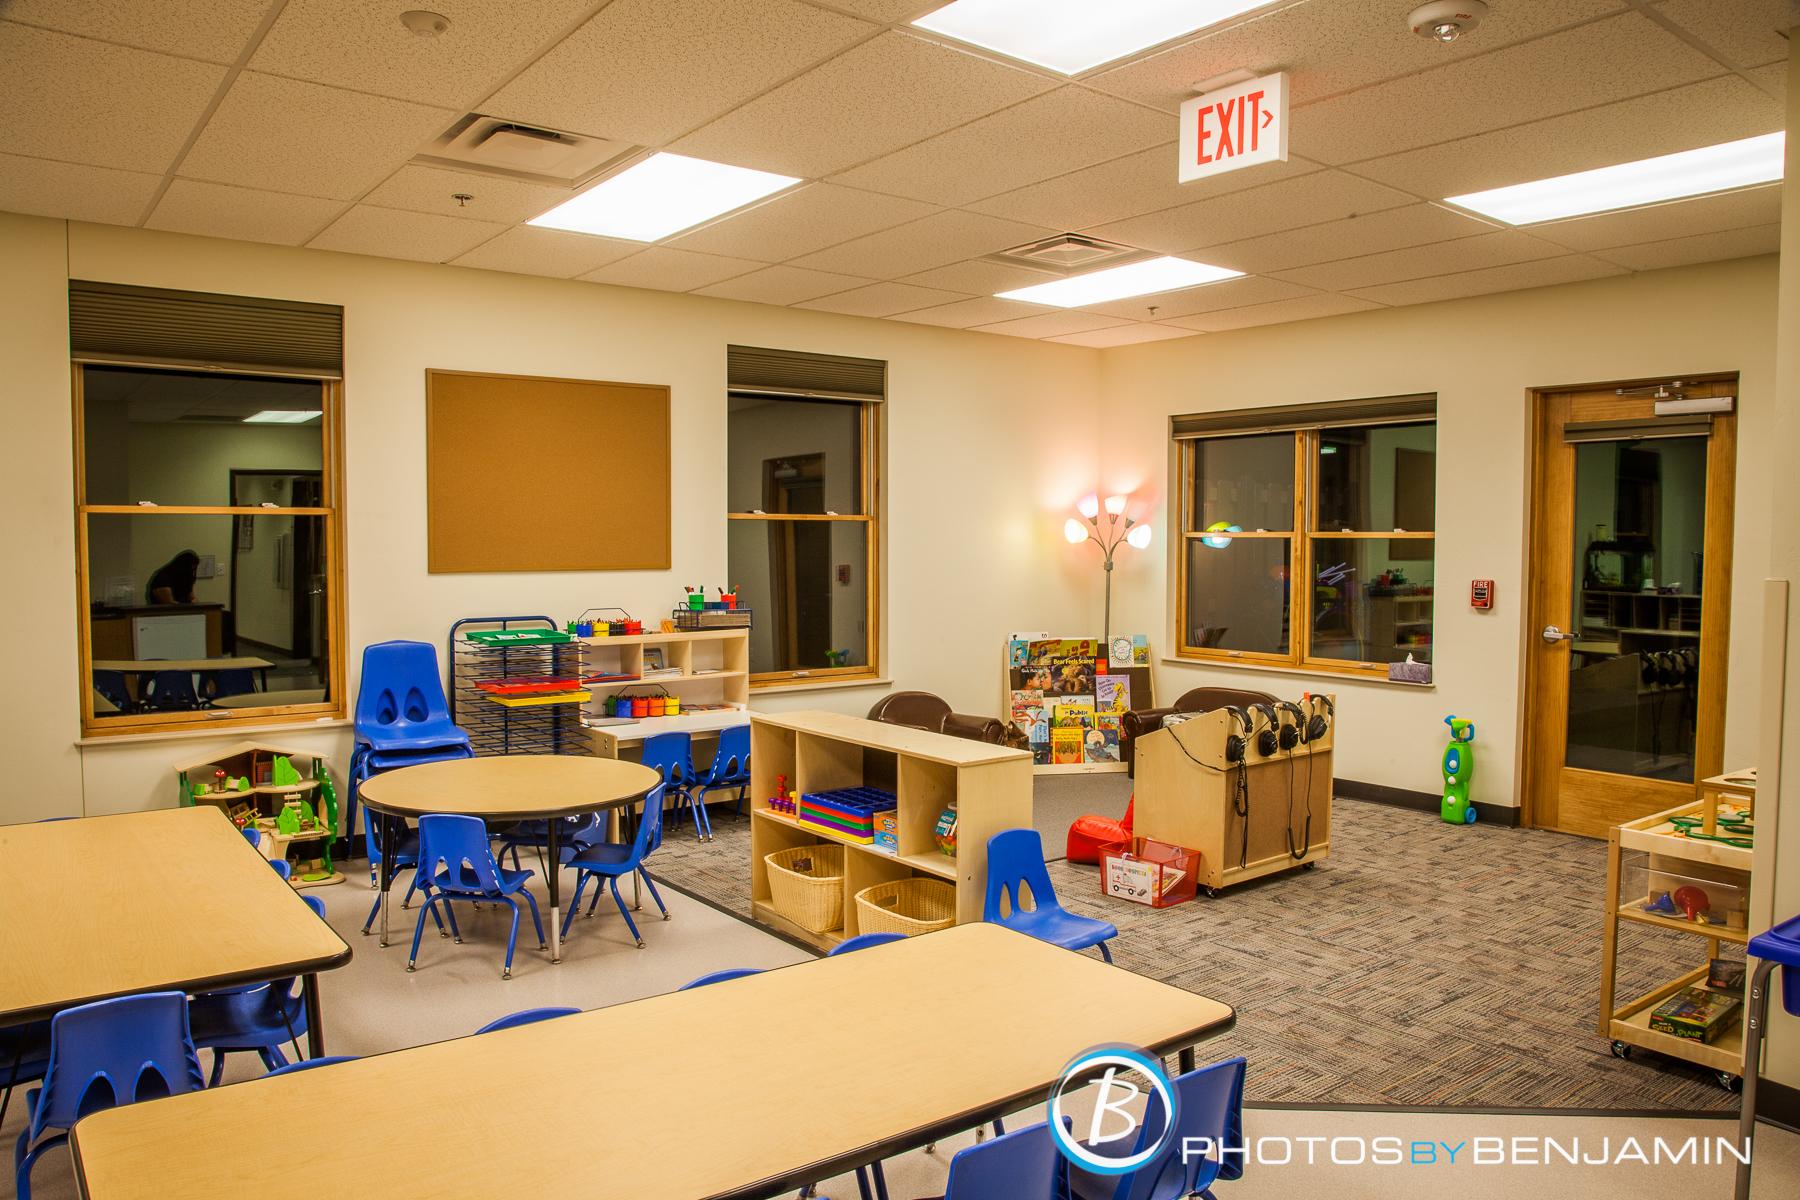 Preschool Room 4